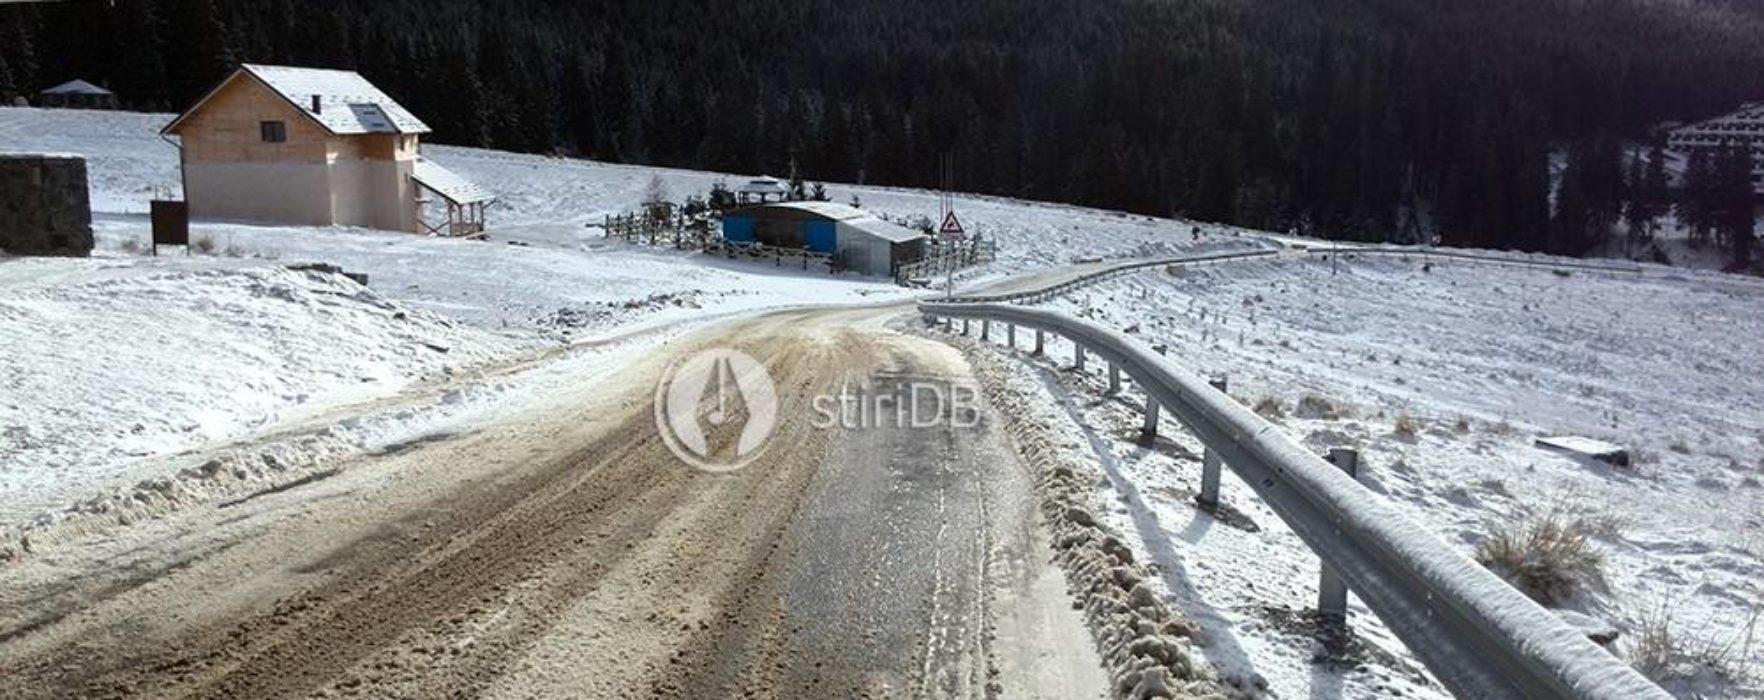 Dâmboviţa: Au fost reluate acţiunile de deszăpezire pe DJ 714, drumul de acces spre Padina-Peştera